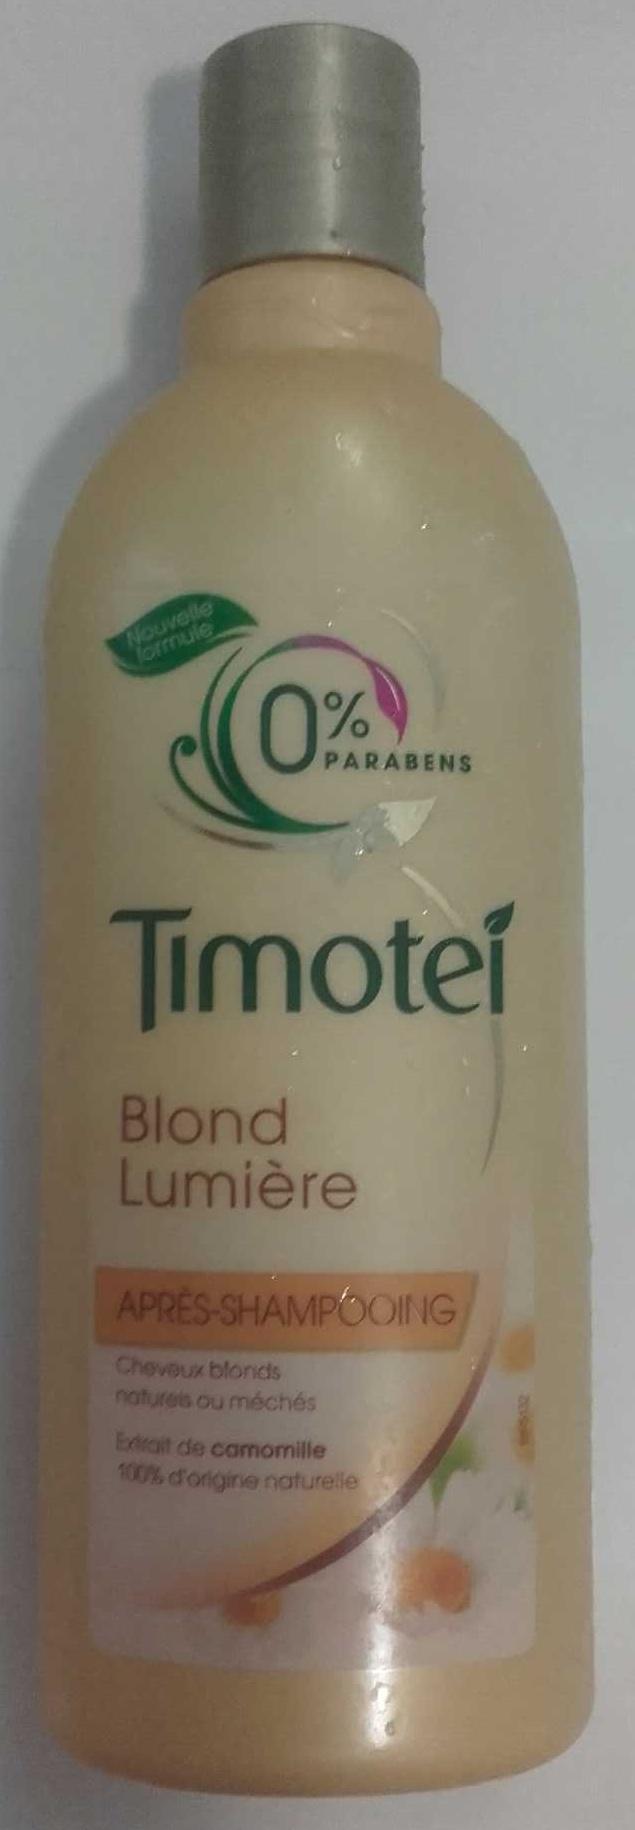 Timotei Blond Lumière Après Shampoing à l'extrait de Camomille Cheveux Blonds - Product - fr